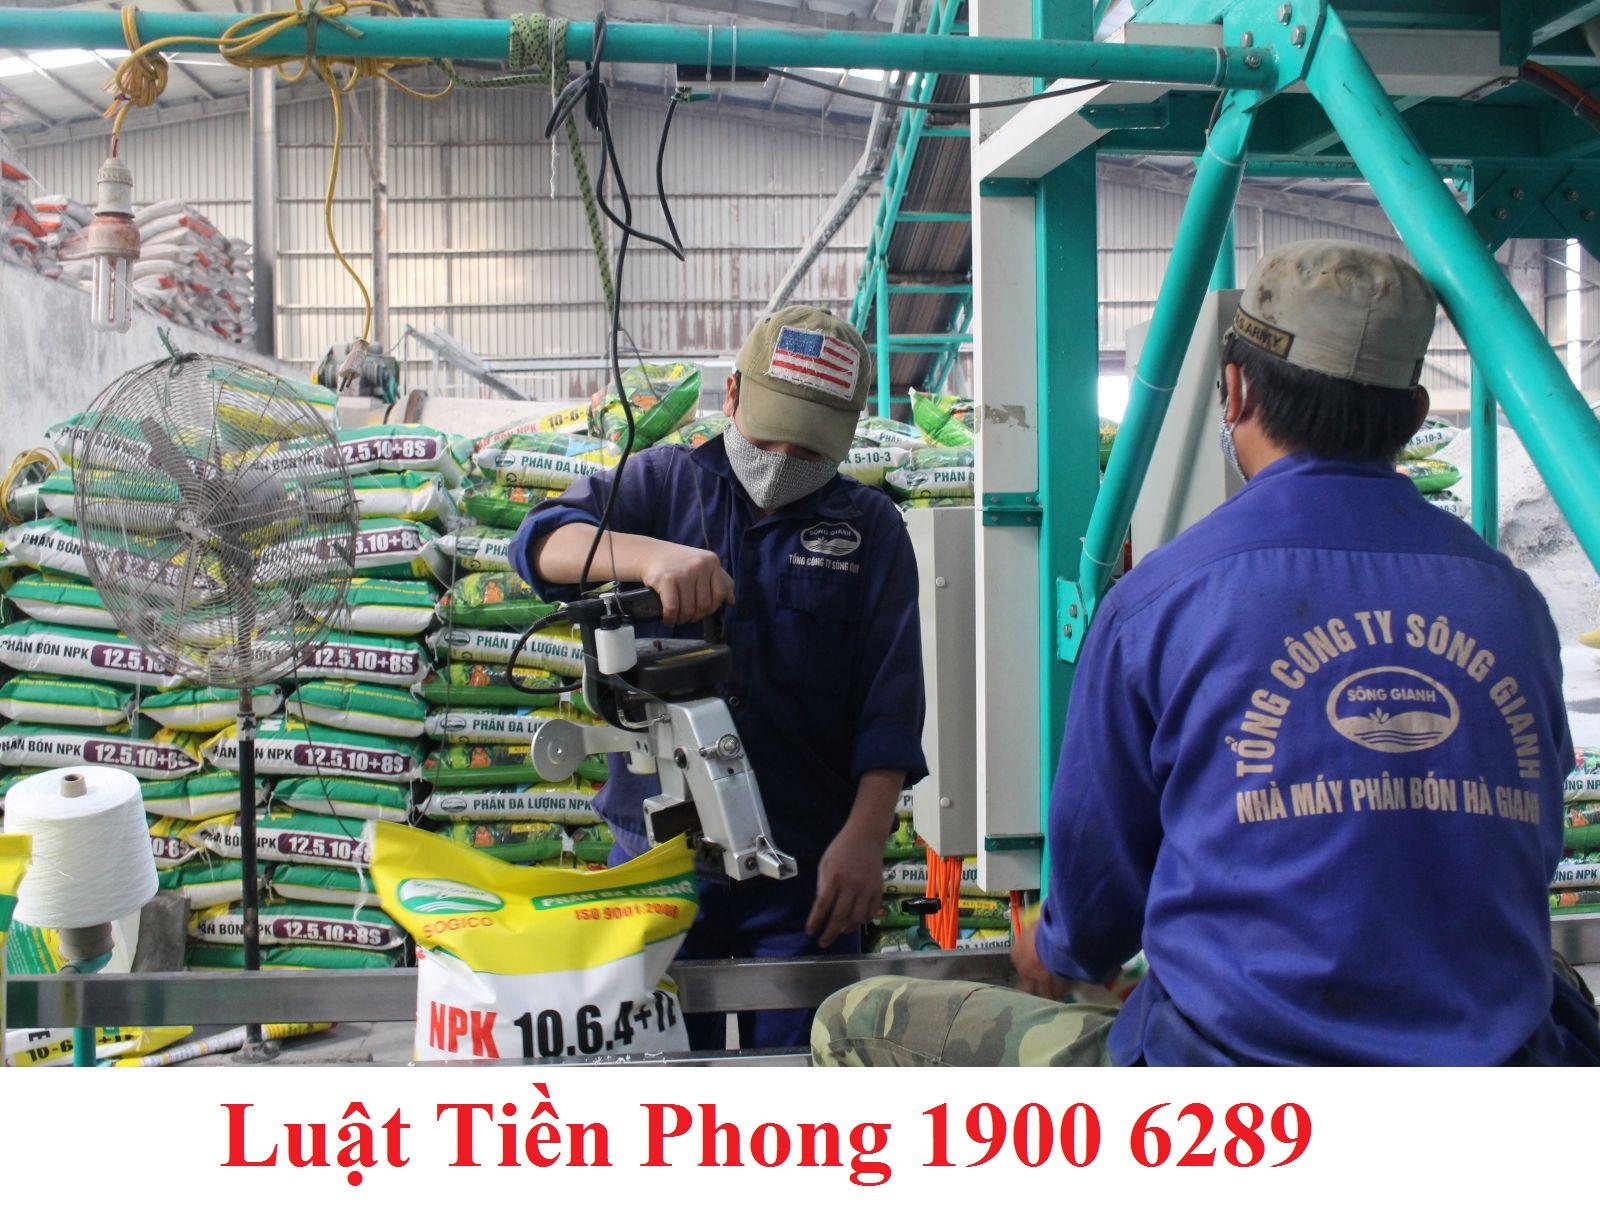 Mẫu đơn đề nghị cấp giấy phép sản xuất phân bón mới nhất